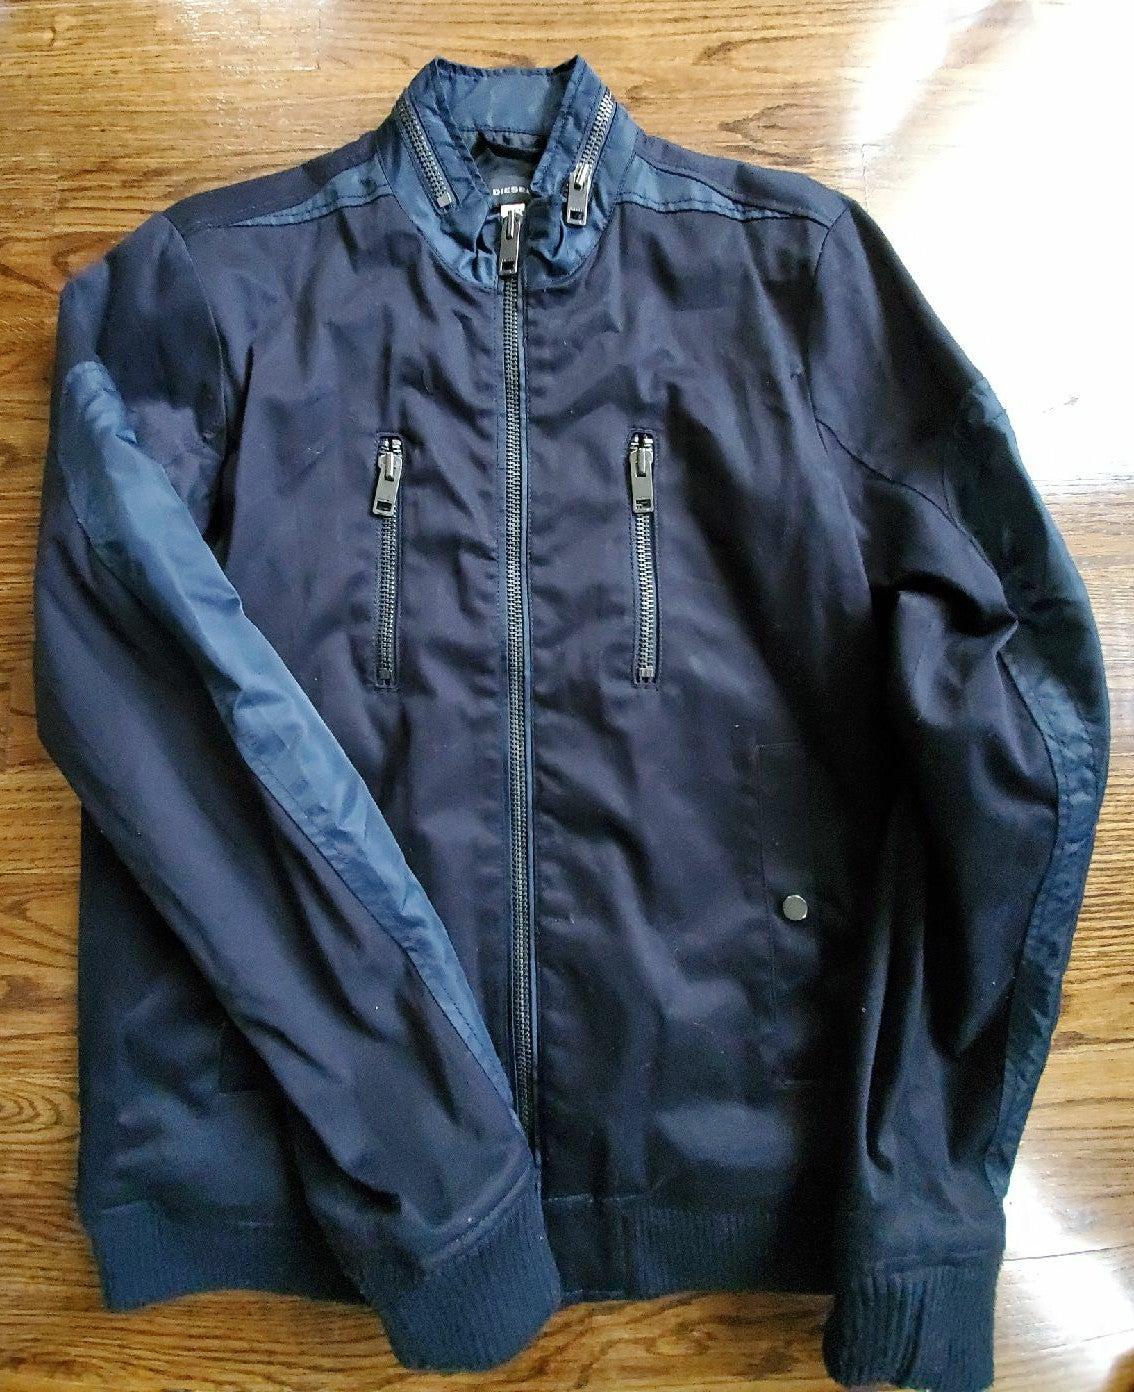 Diesel 5 pocket jacket